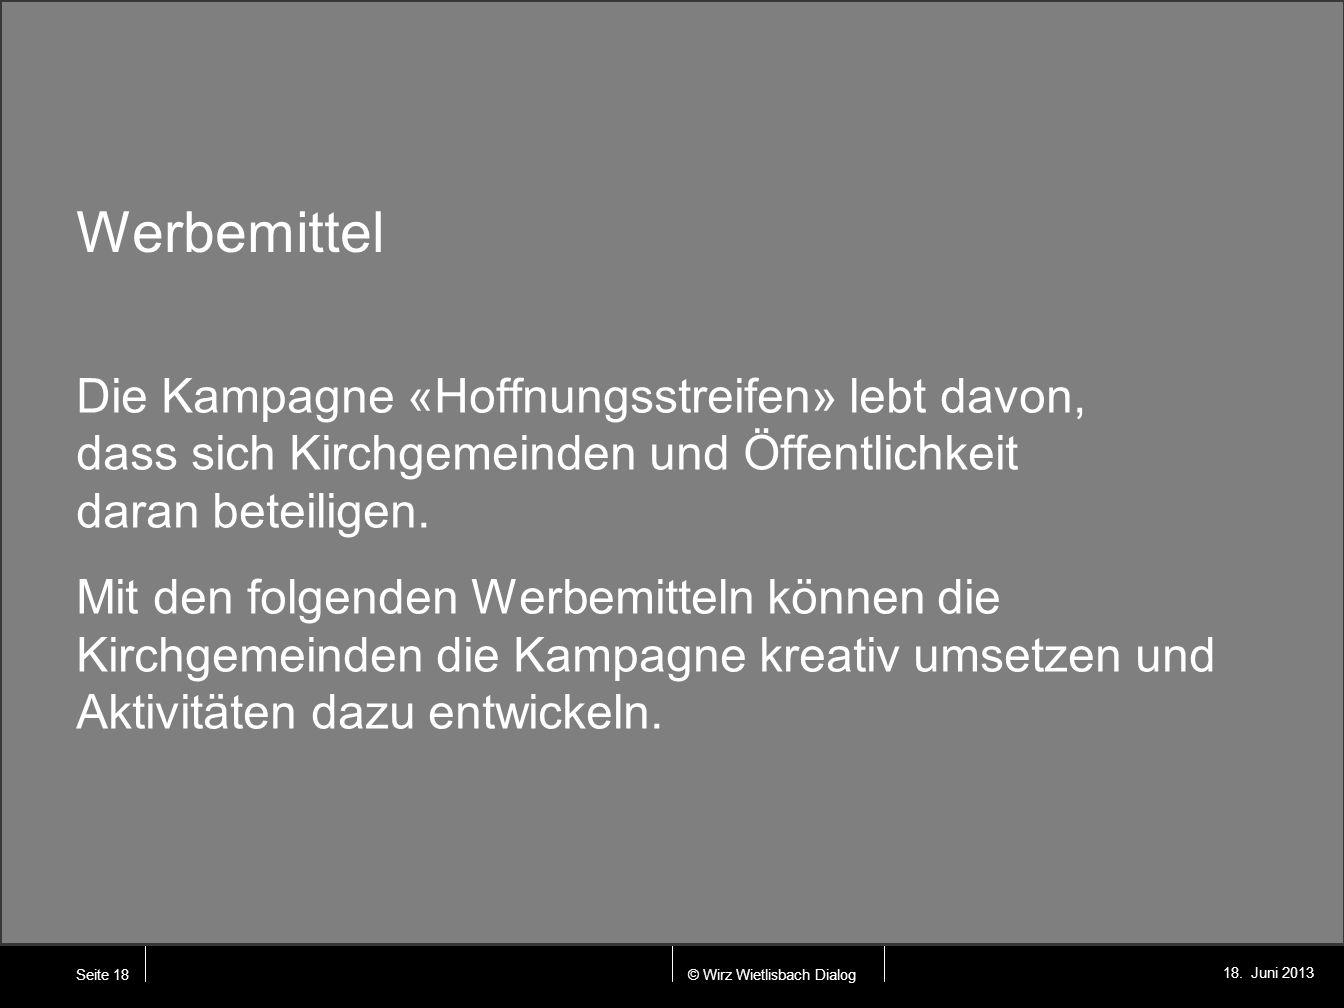 © Wirz Wietlisbach Dialog 18. Juni 2013 Werbemittel Die Kampagne «Hoffnungsstreifen» lebt davon, dass sich Kirchgemeinden und Öffentlichkeit daran bet